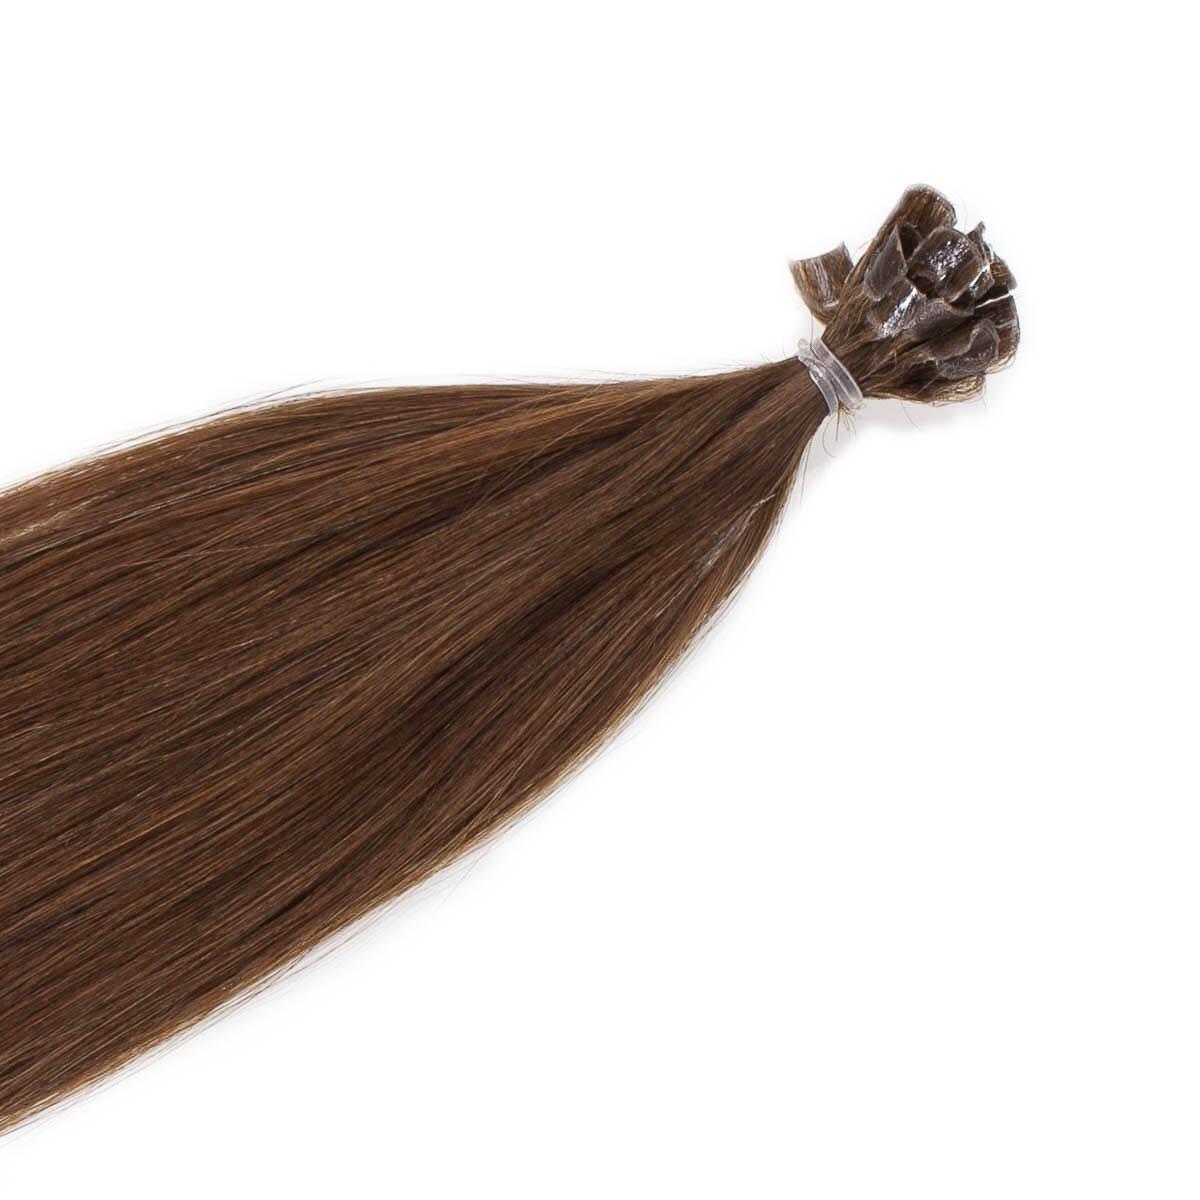 Nail Hair Premium 5.0 Brown 60 cm